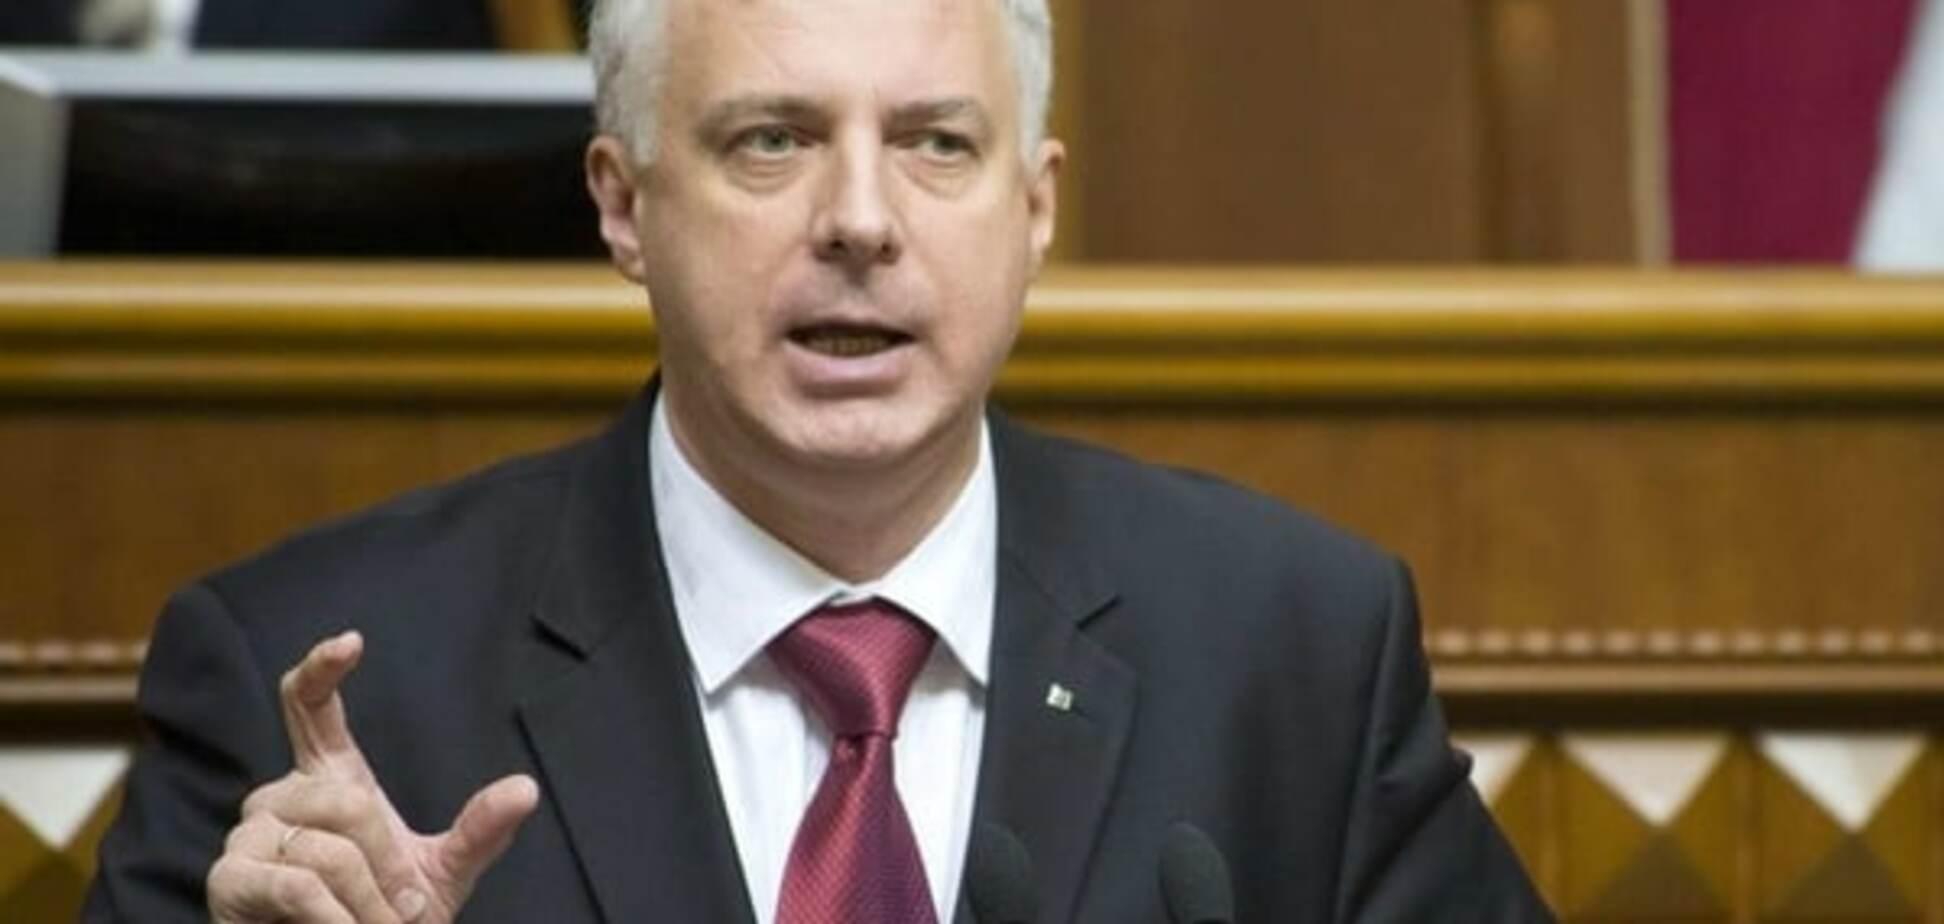 Глава Міносвіти опинився серед найбільш високооплачуваних міністрів Яценюка